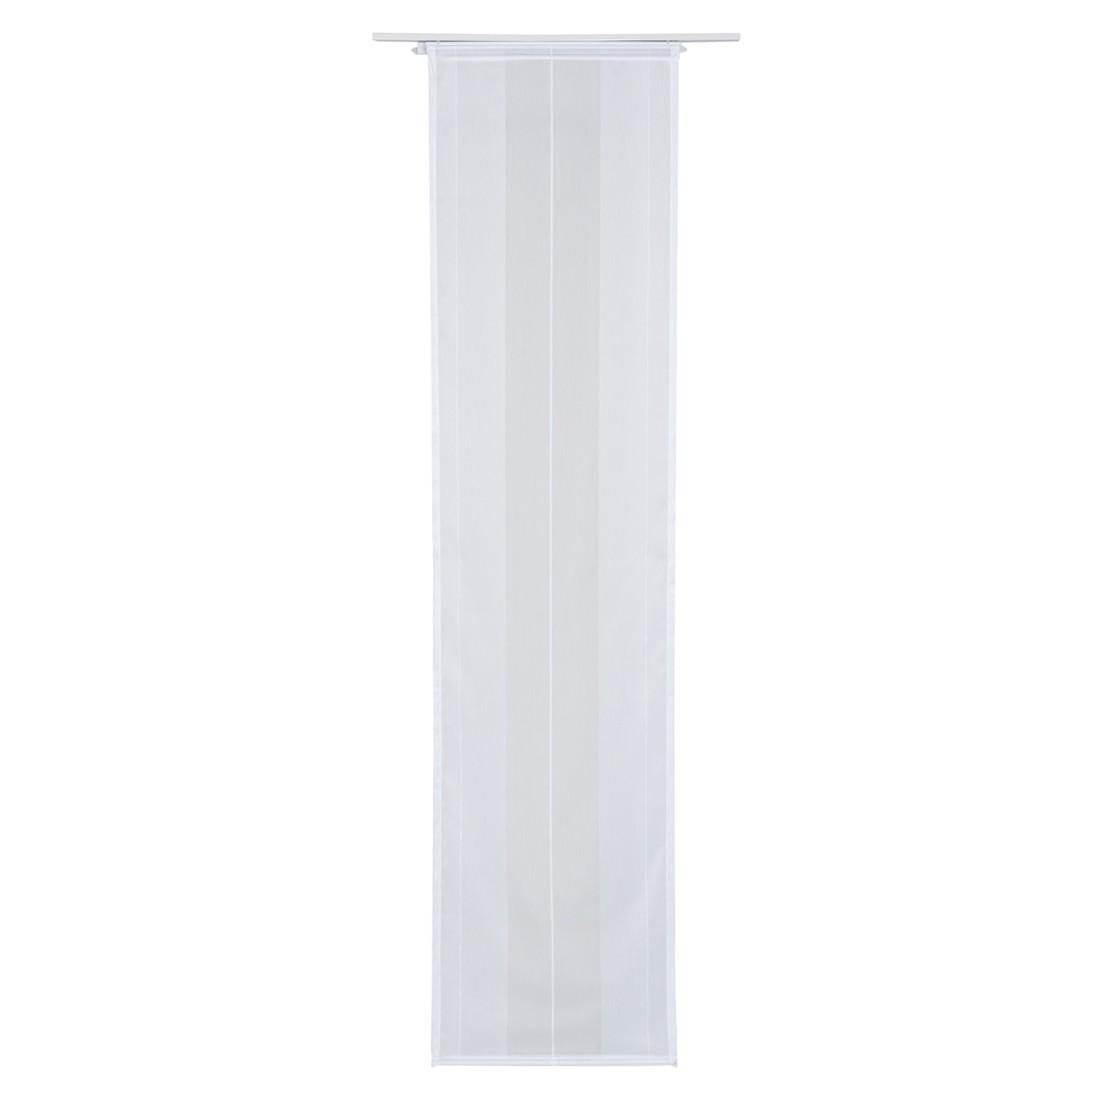 panneau japonais tamisant blanc barre bois clair prix et. Black Bedroom Furniture Sets. Home Design Ideas